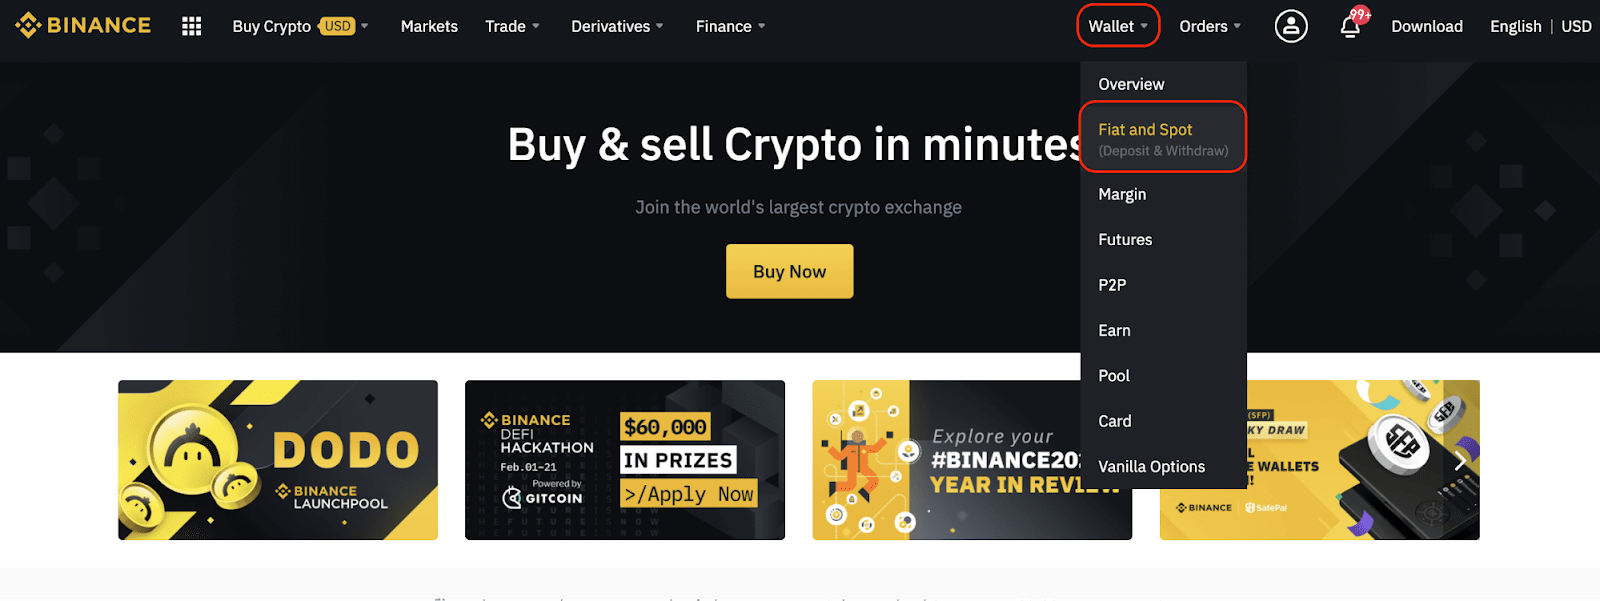 commercio litecoin a binance bitcoin